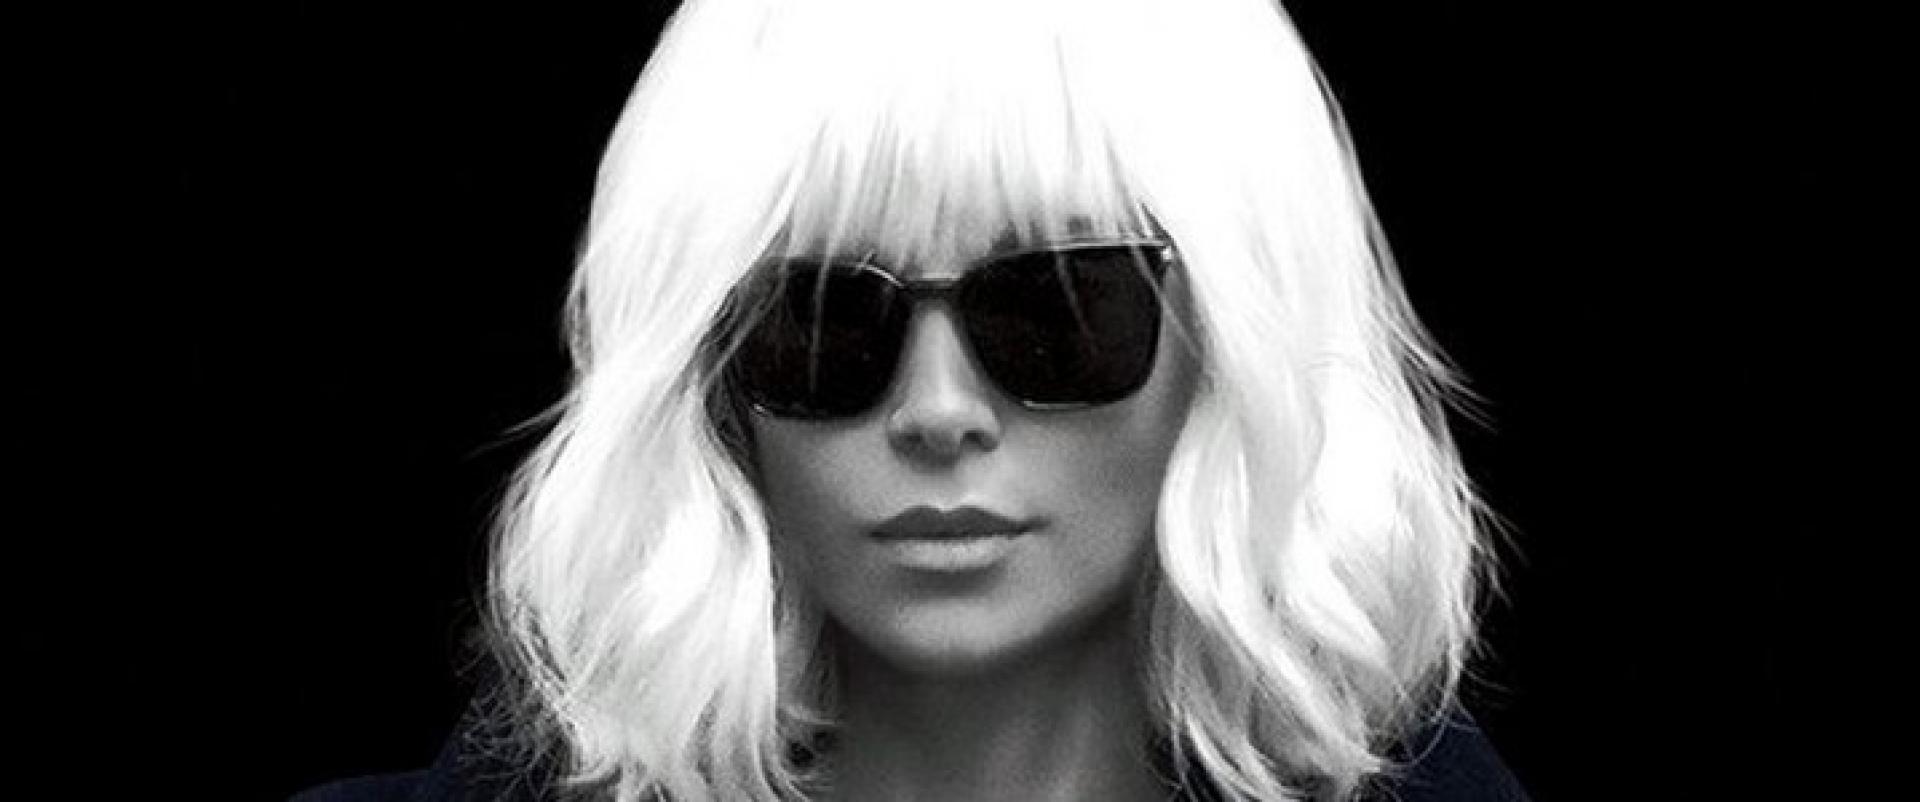 Atomic Blonde - Atomszőke (2017)